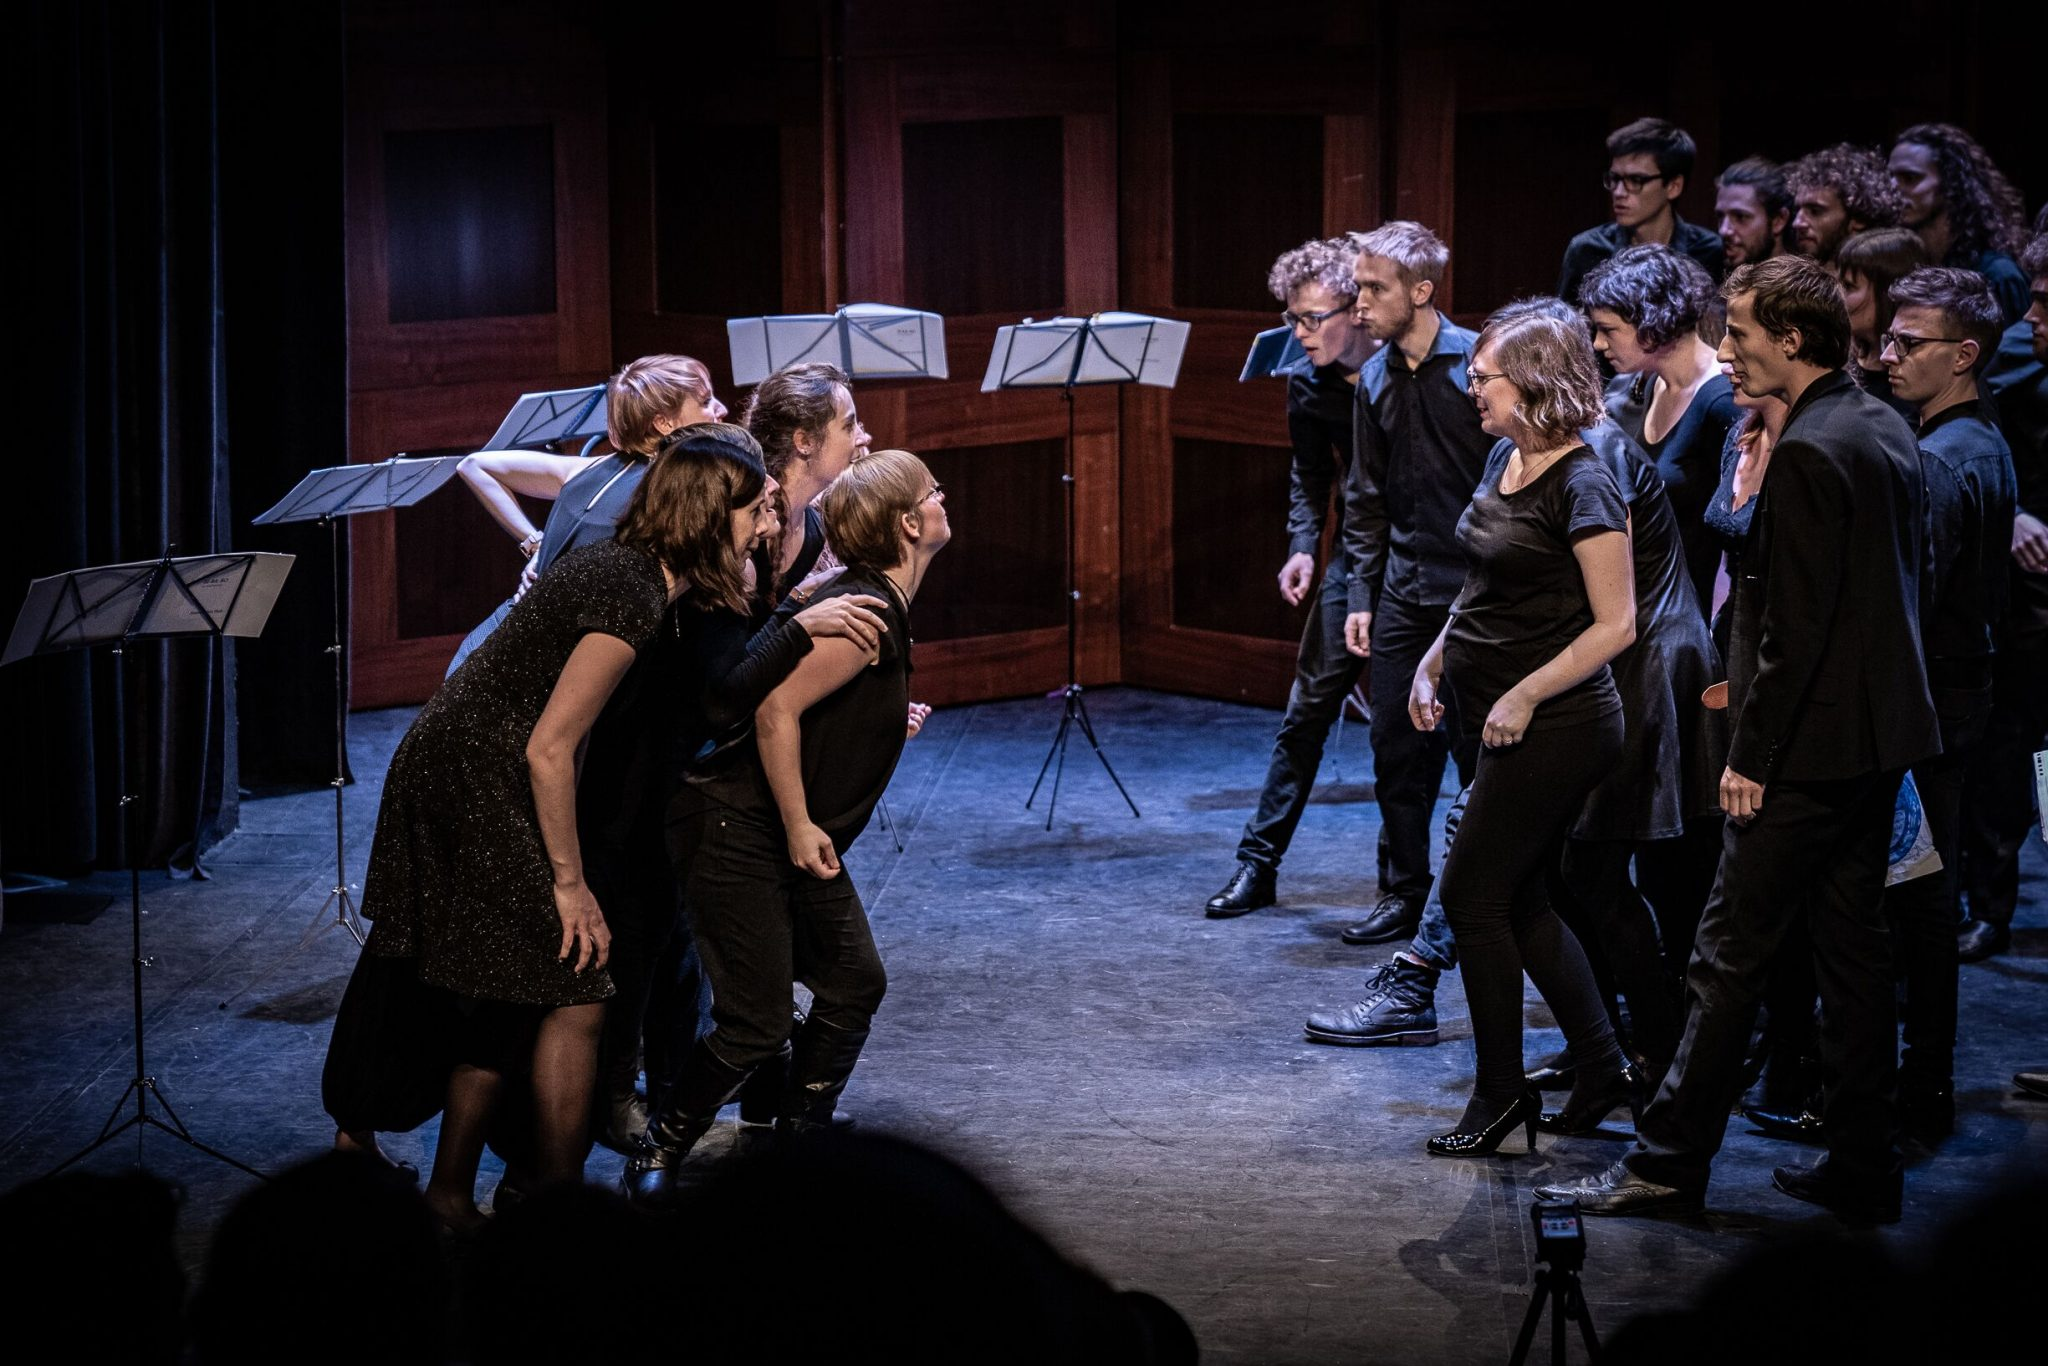 GEANNULEERD - Concert BEvocaL o.l.v. Maria Van Nieukerken